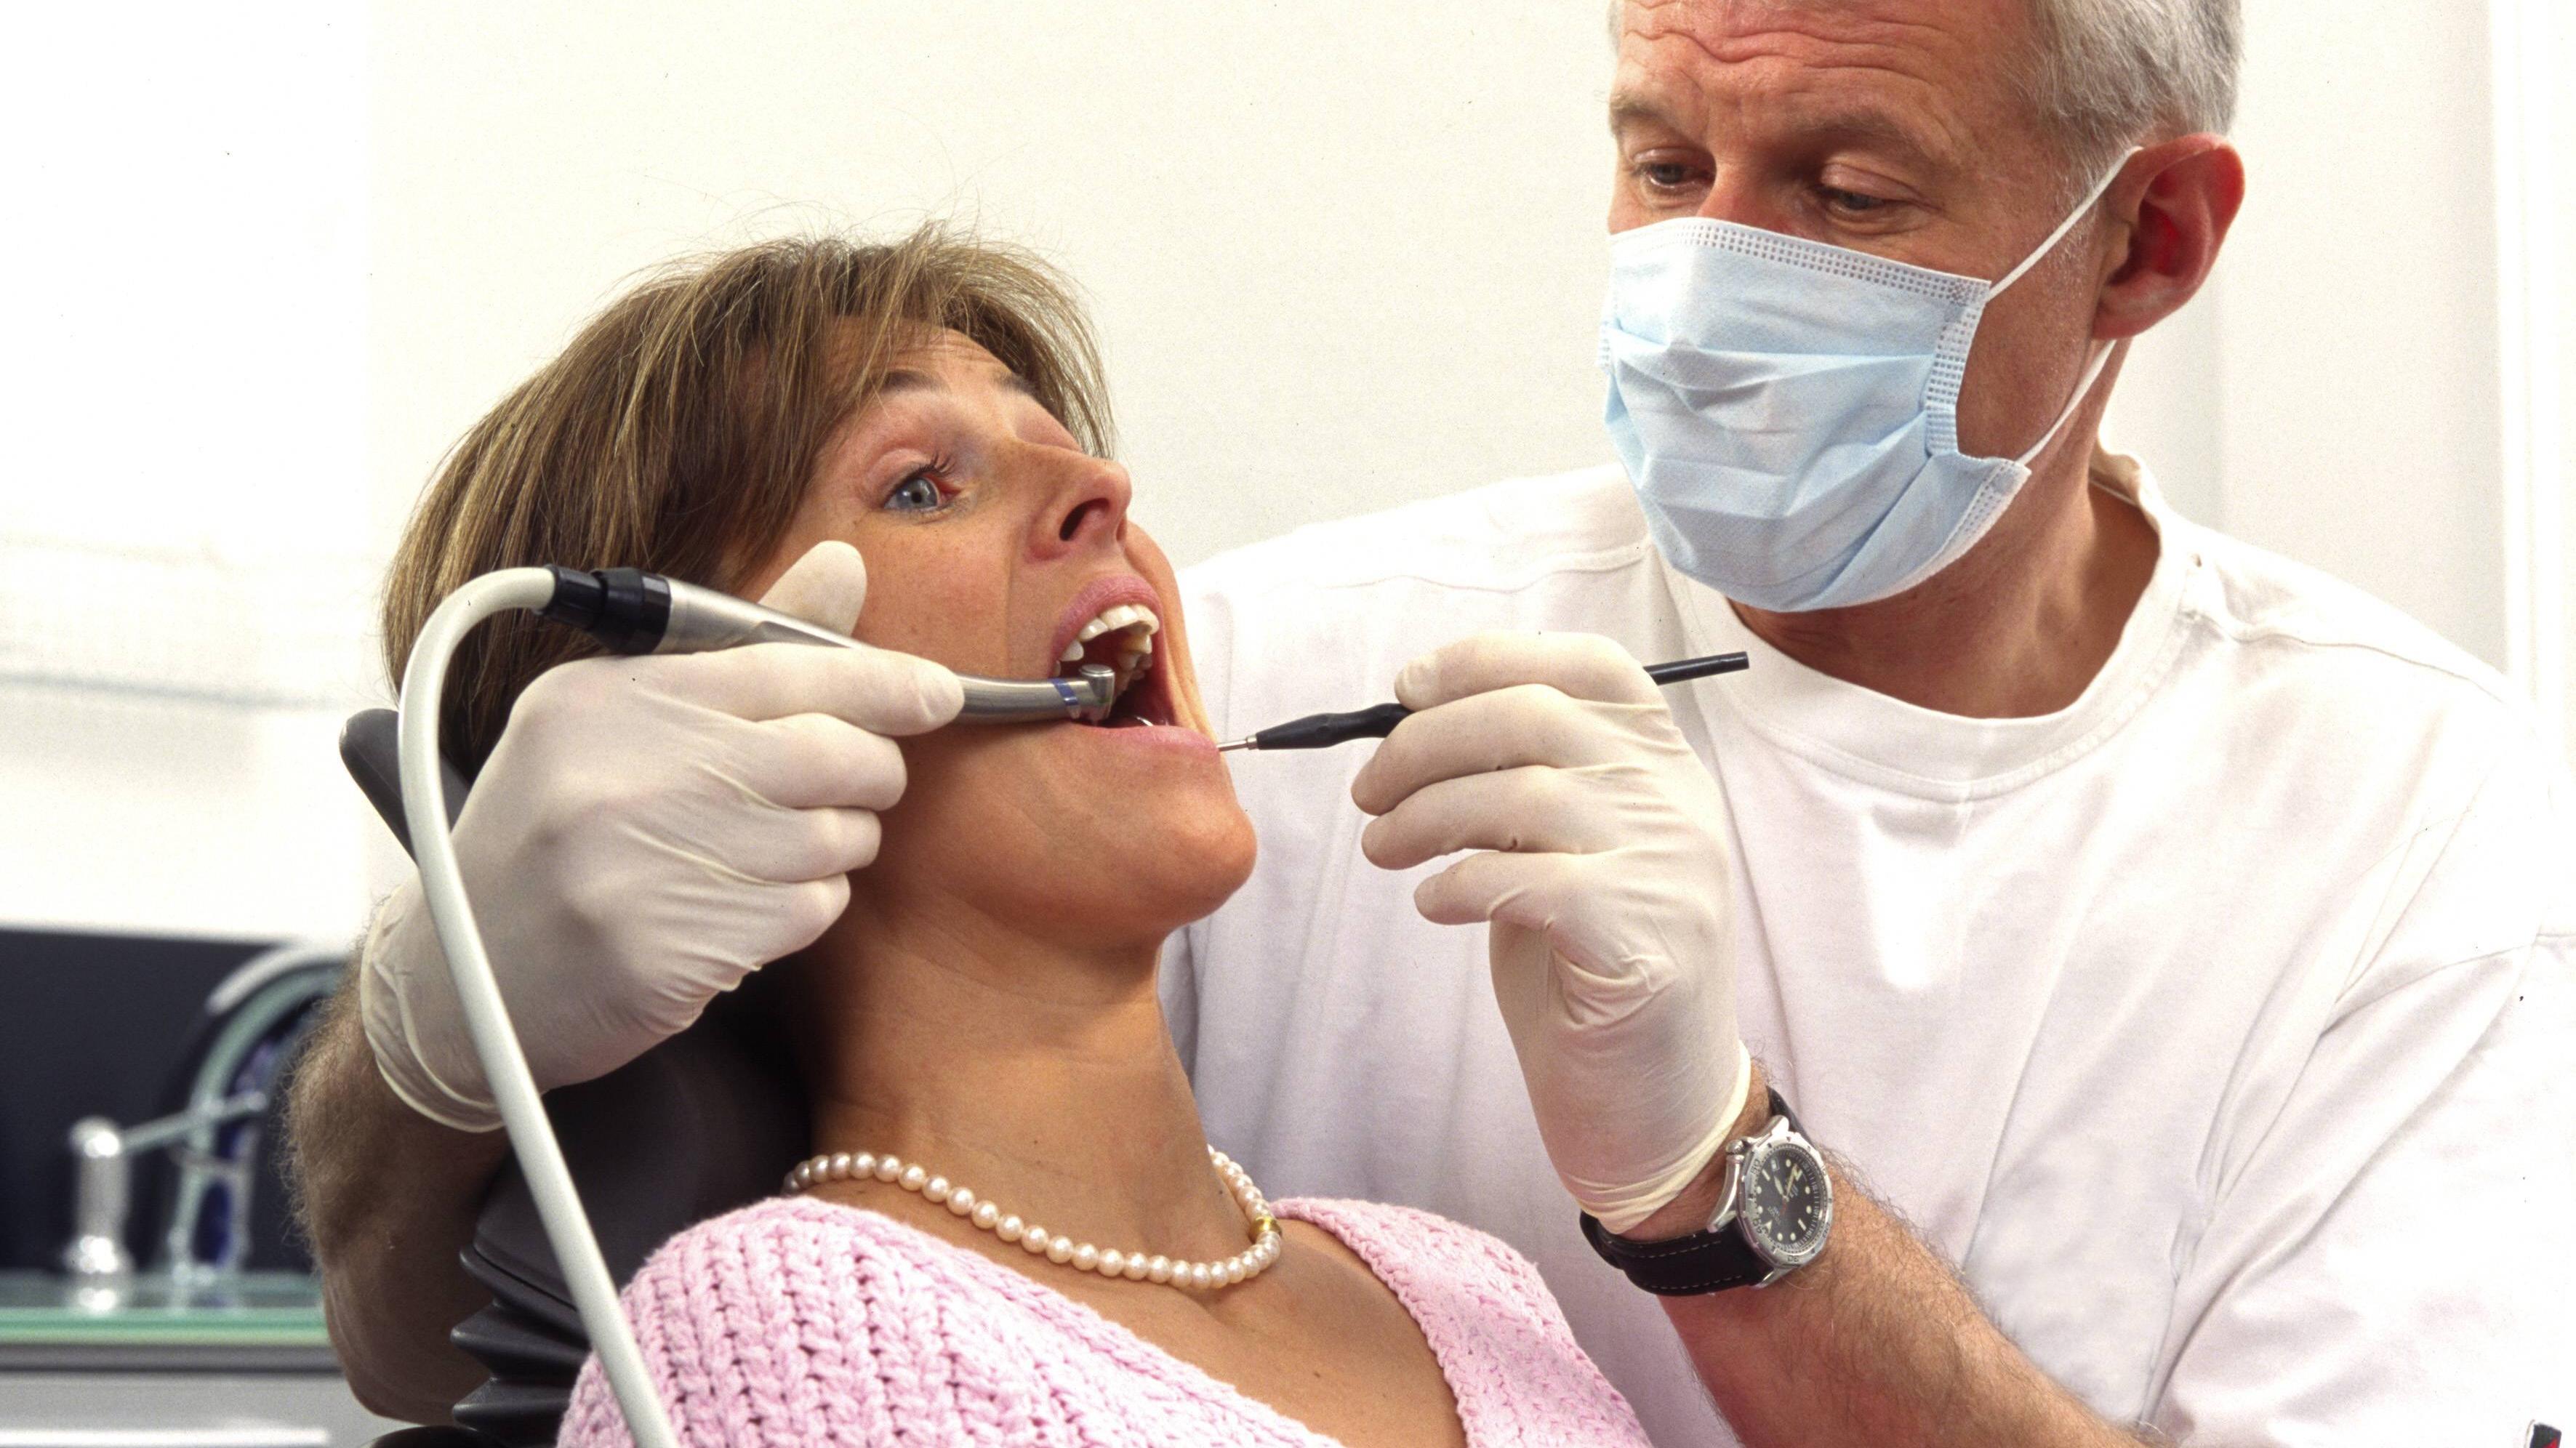 Zähne überkronen - der Ablauf folgt meistens den gleichen Schritten.